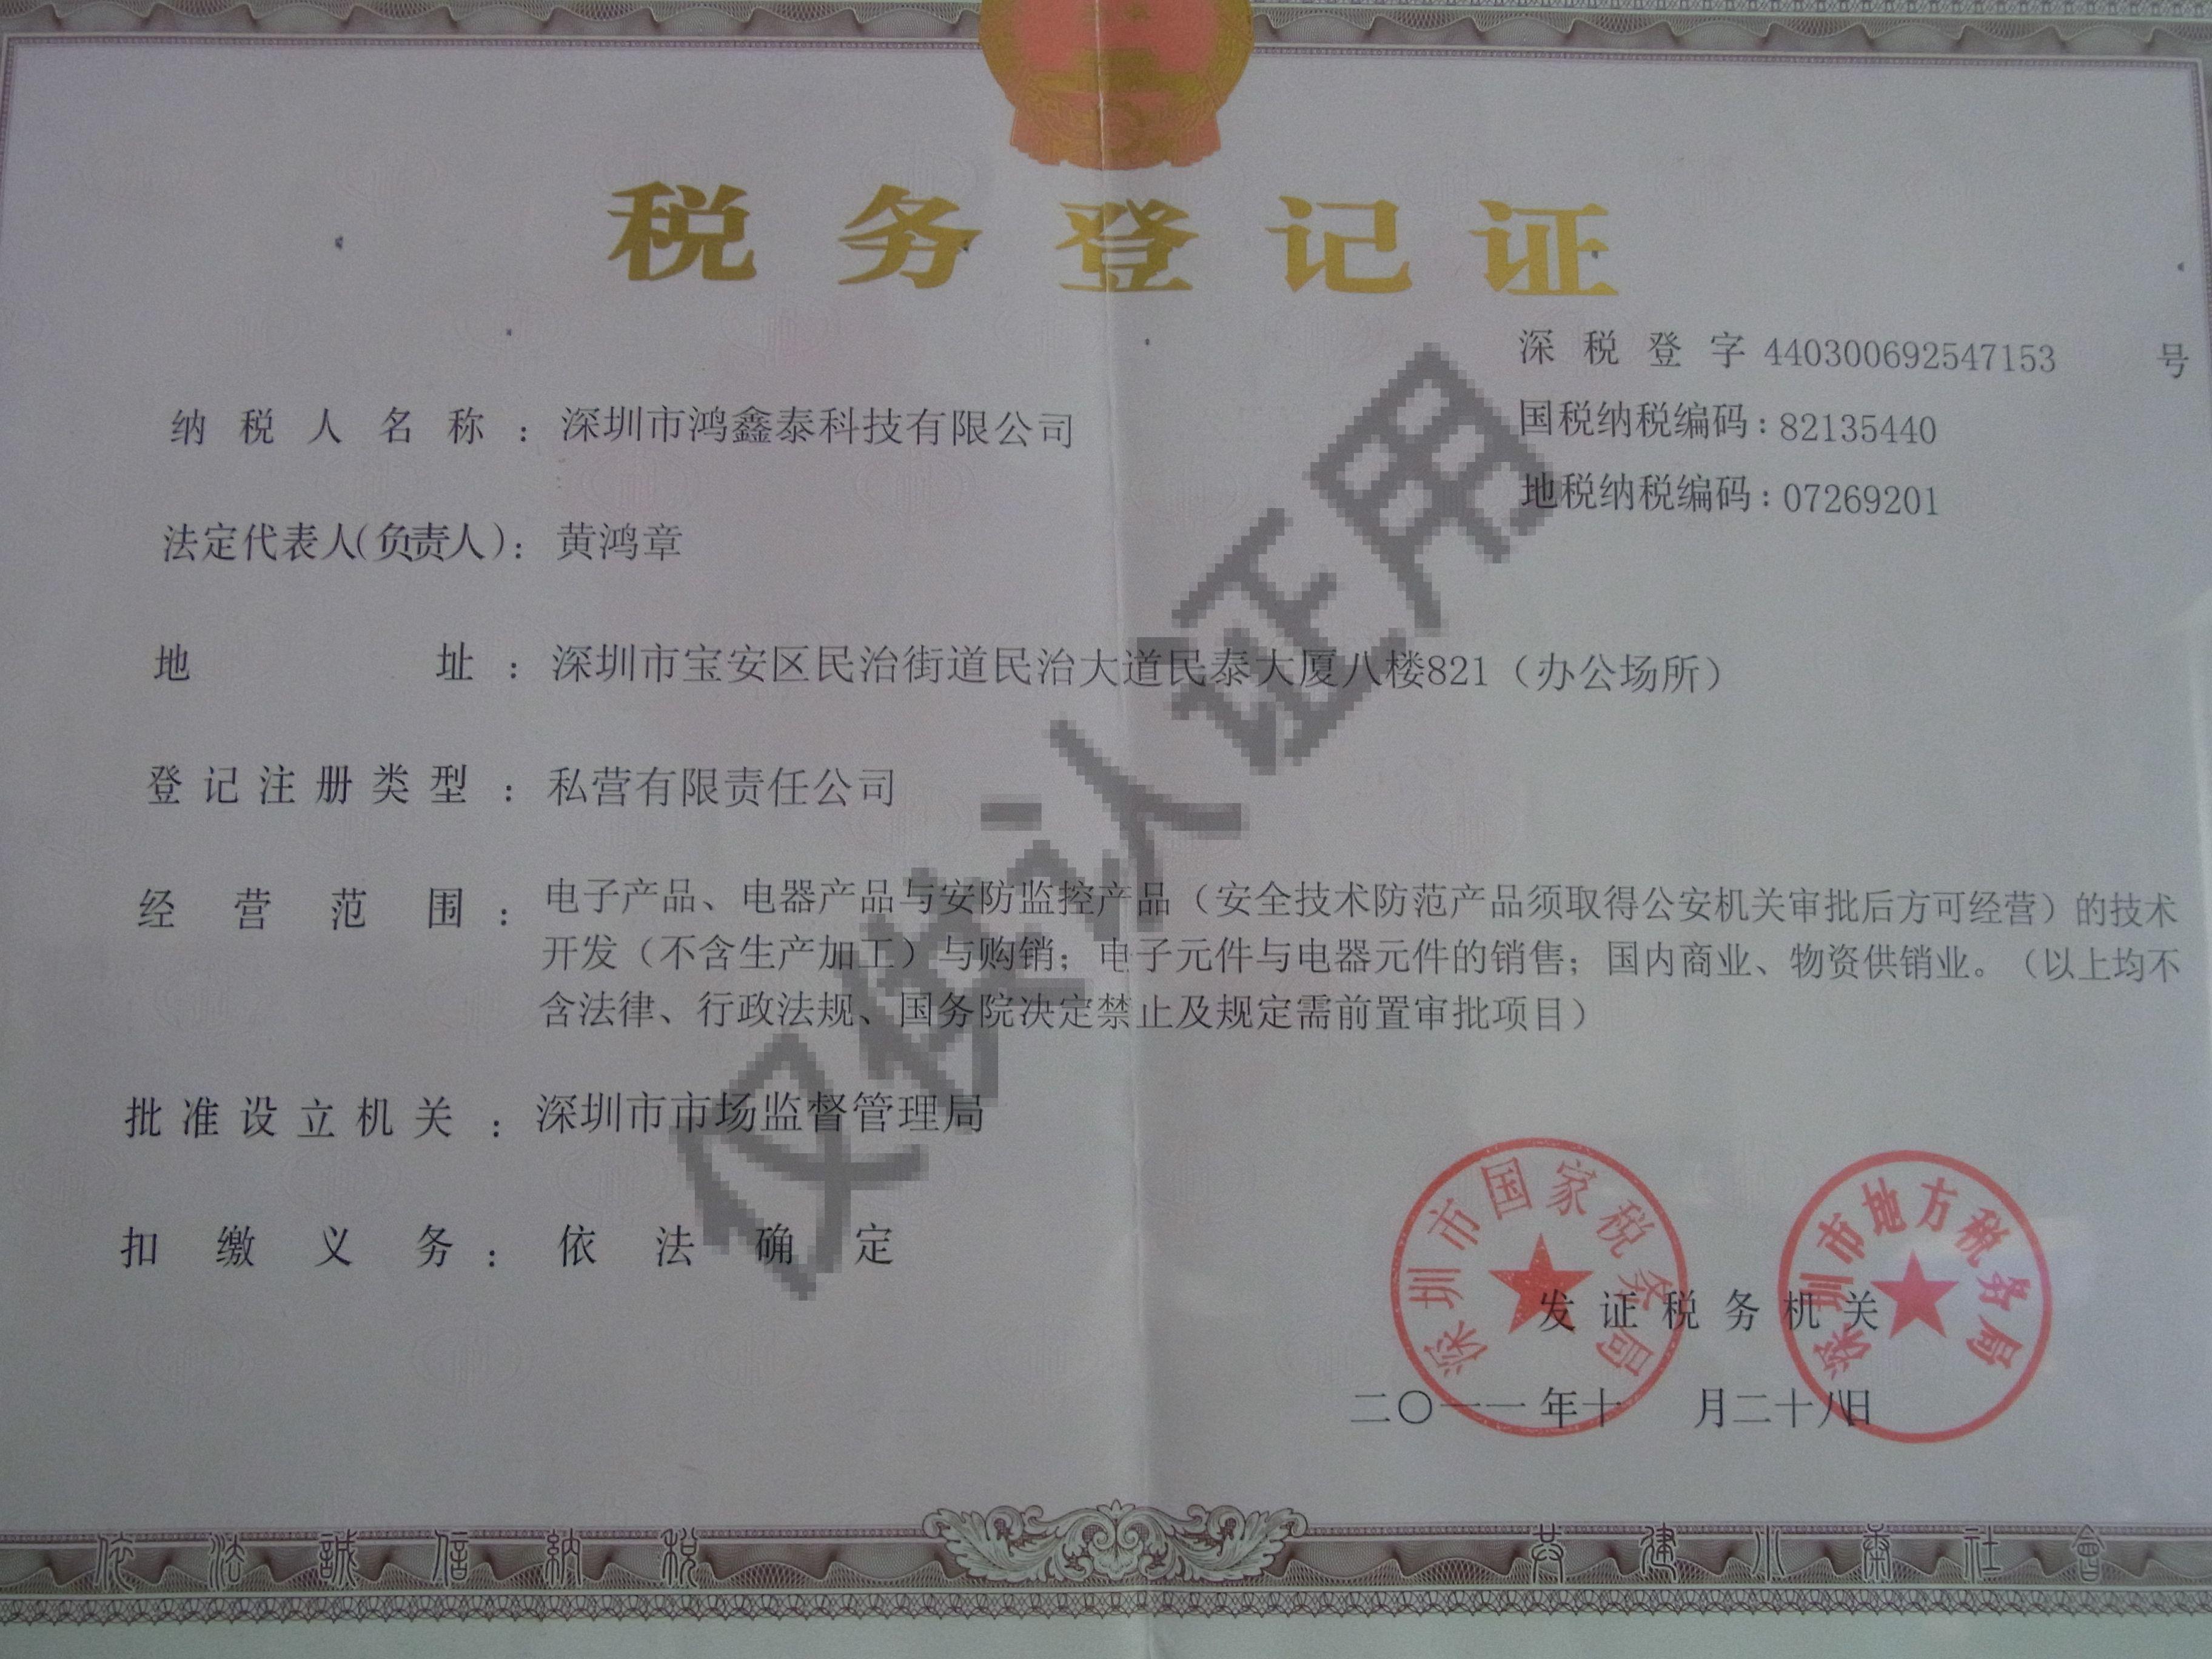 税务登记证照片-1.JPG